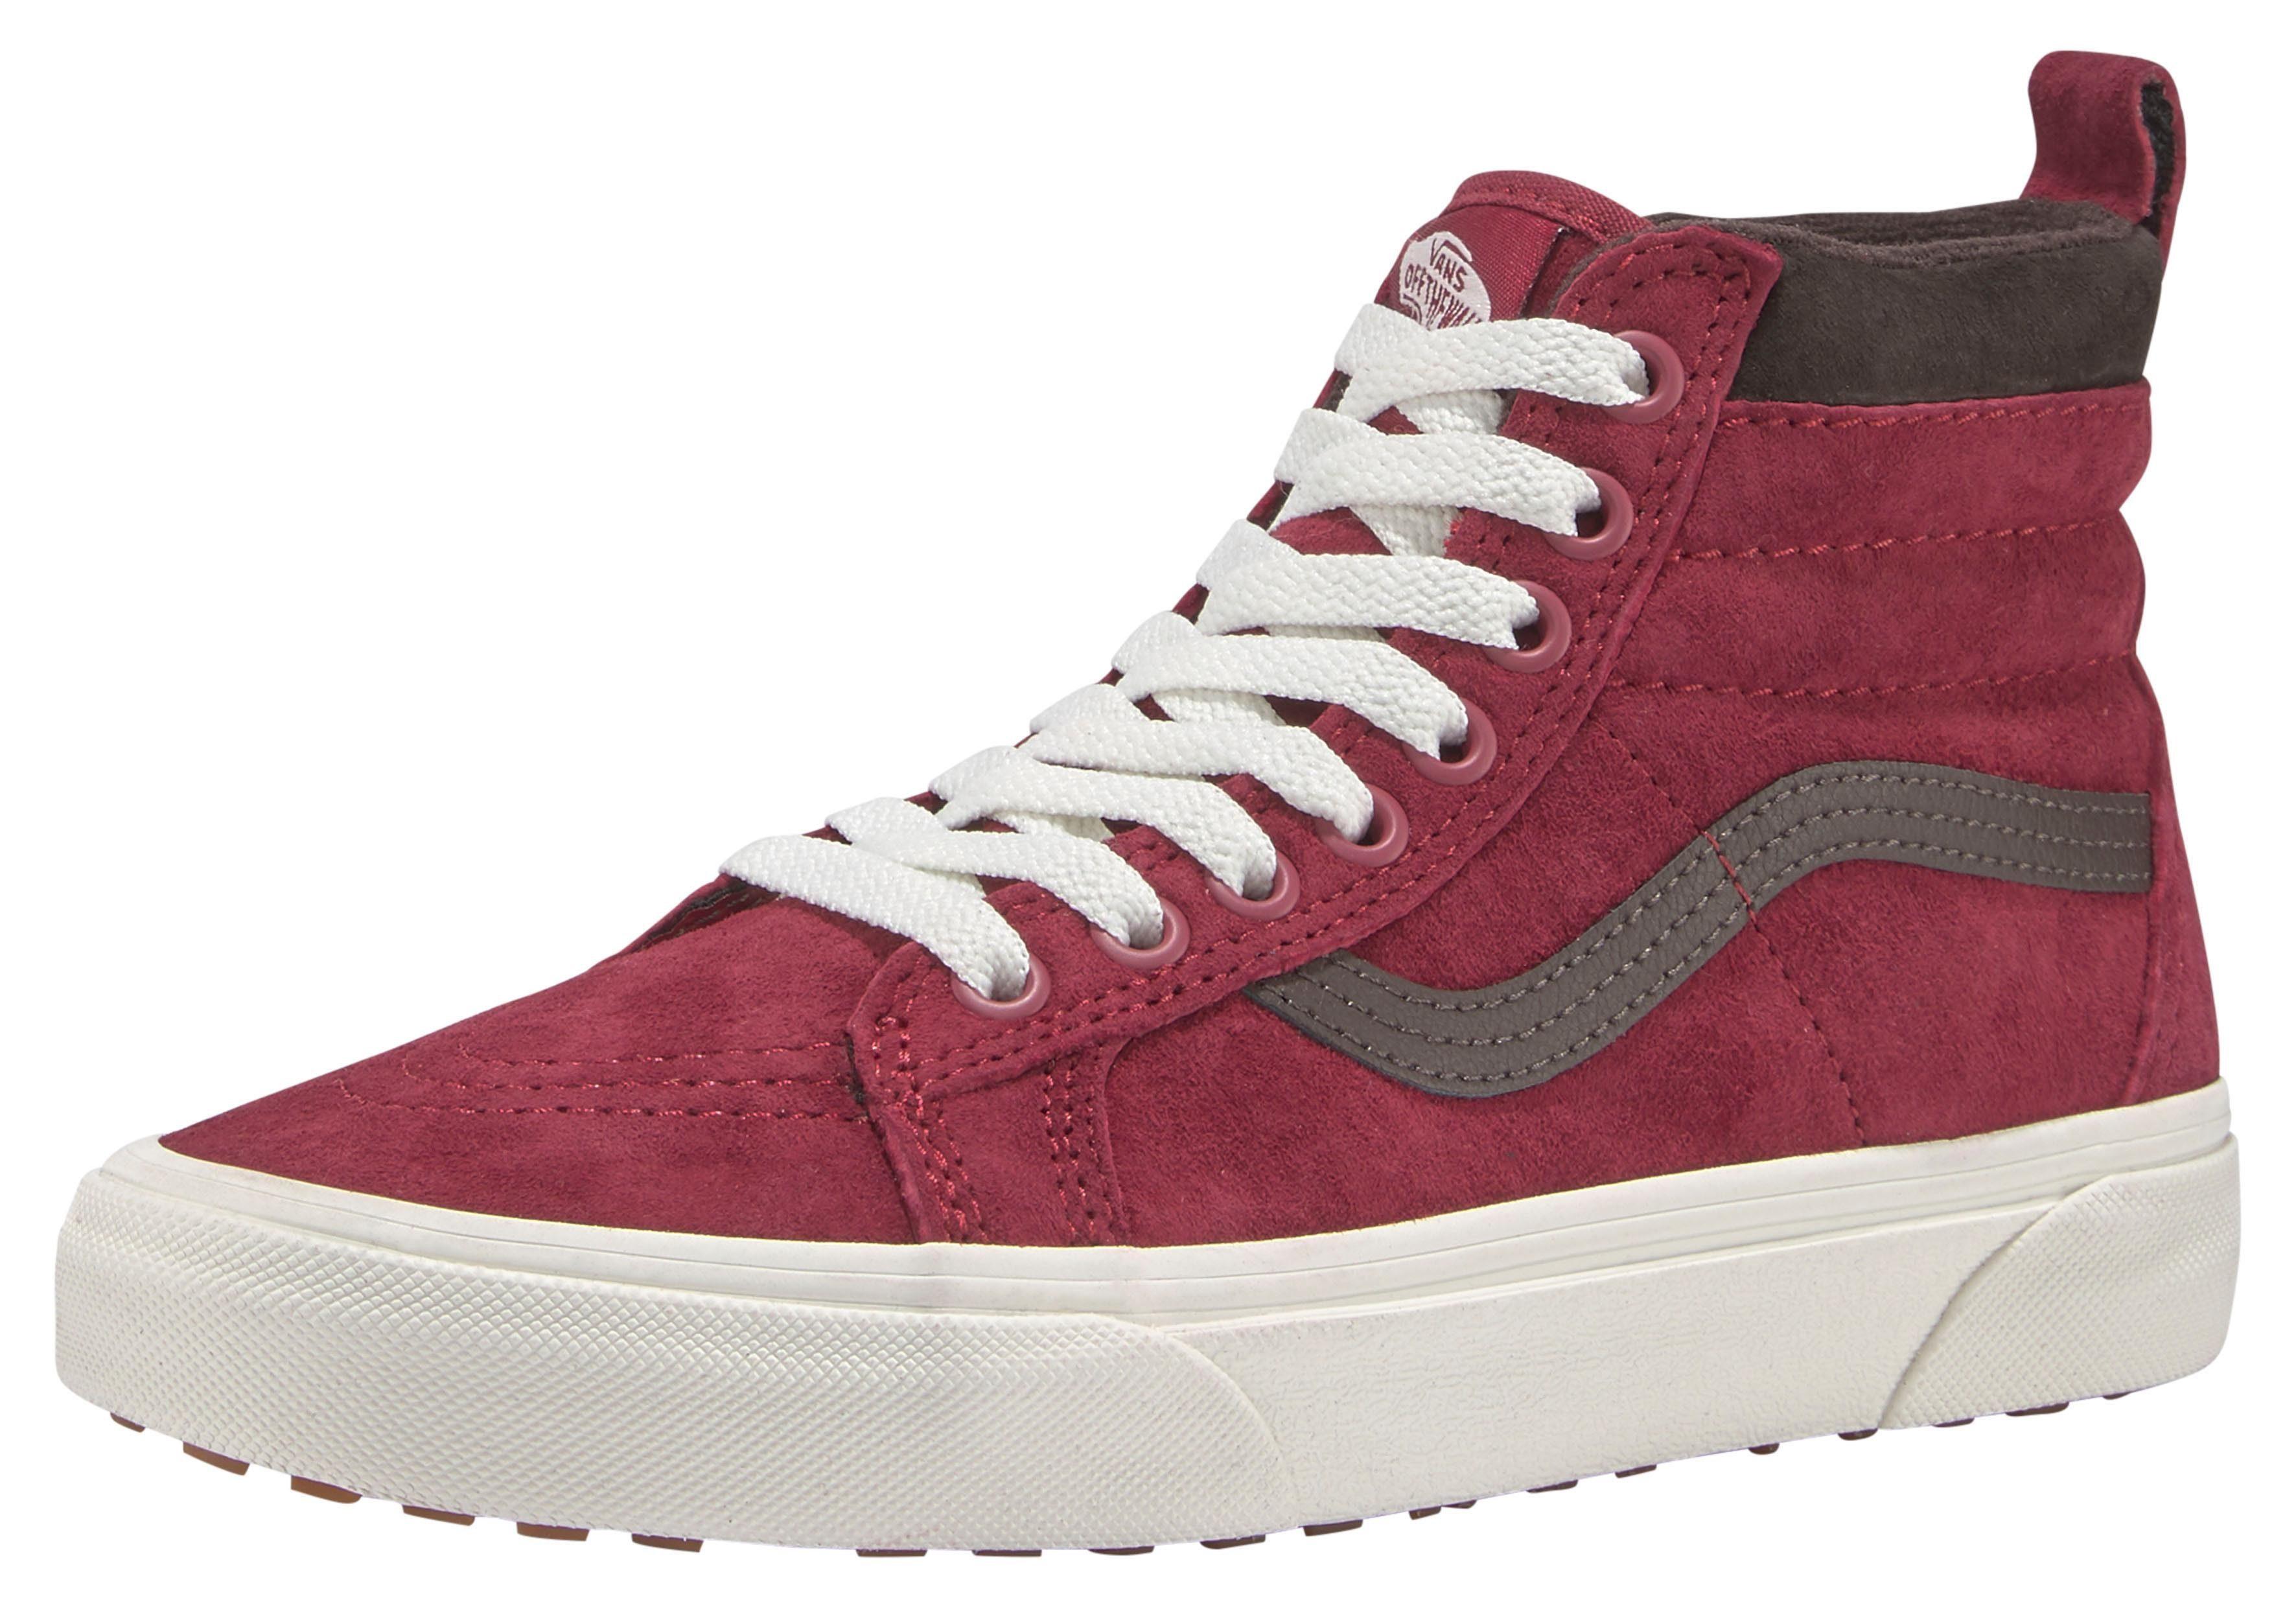 Vans »SK8 Hi MTE« Sneaker, Knöchelhoher Sneakerboot von VANS online kaufen | OTTO